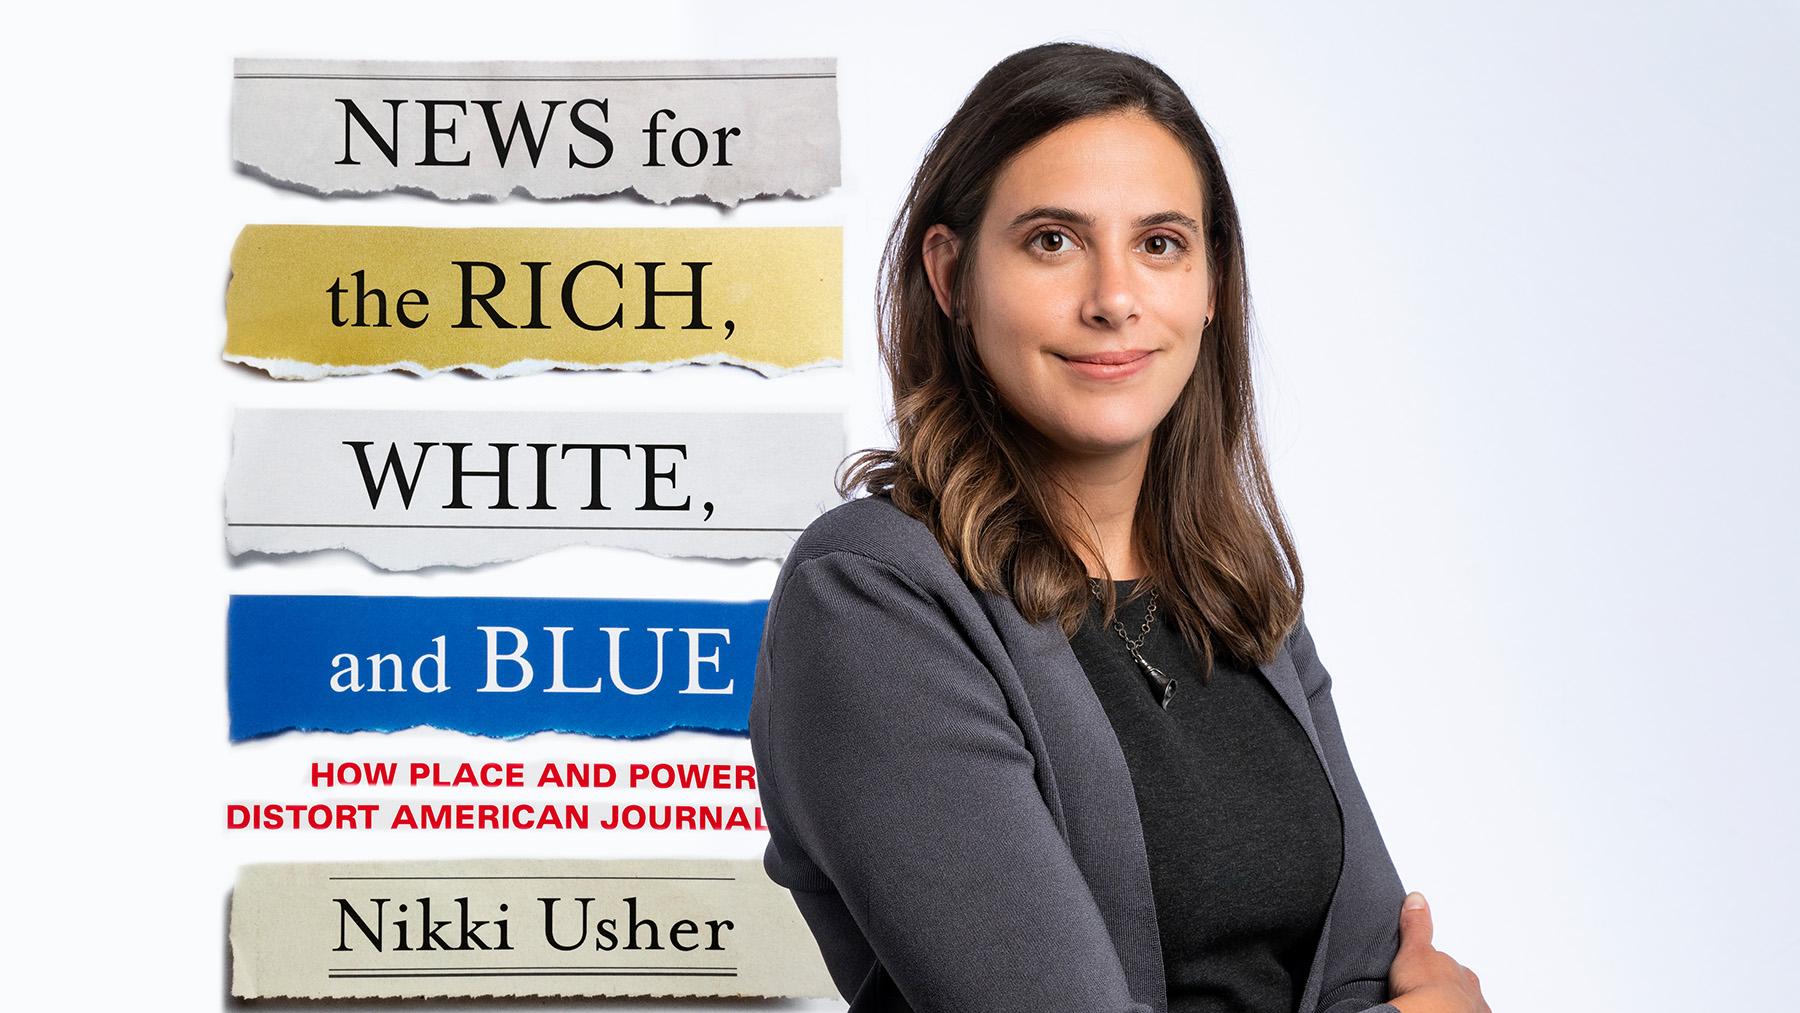 Professor Nikkie Usher